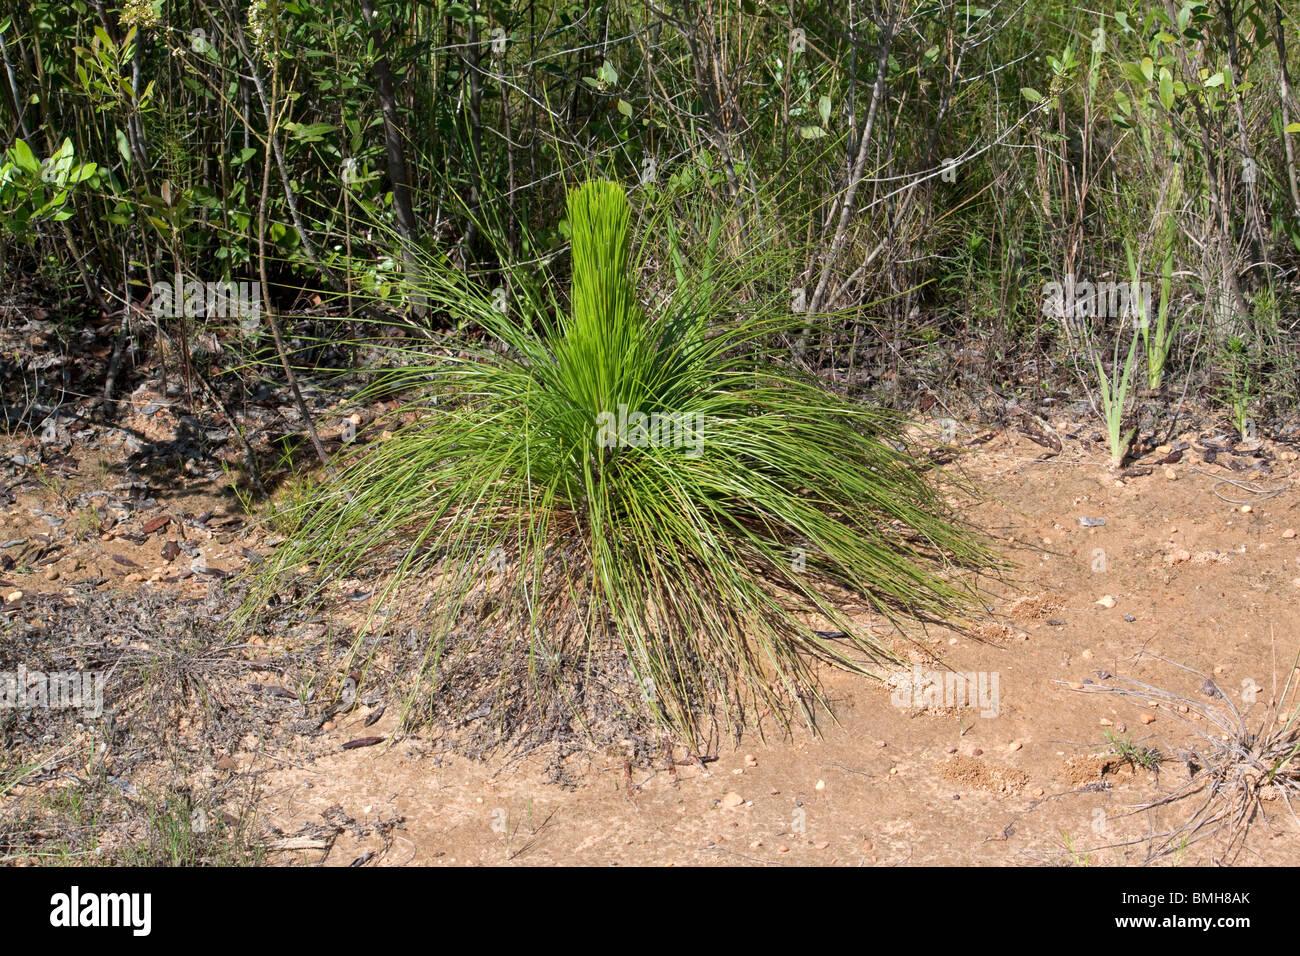 Longleaf Pine Seedling Pinus palustris Alabama USA - Stock Image